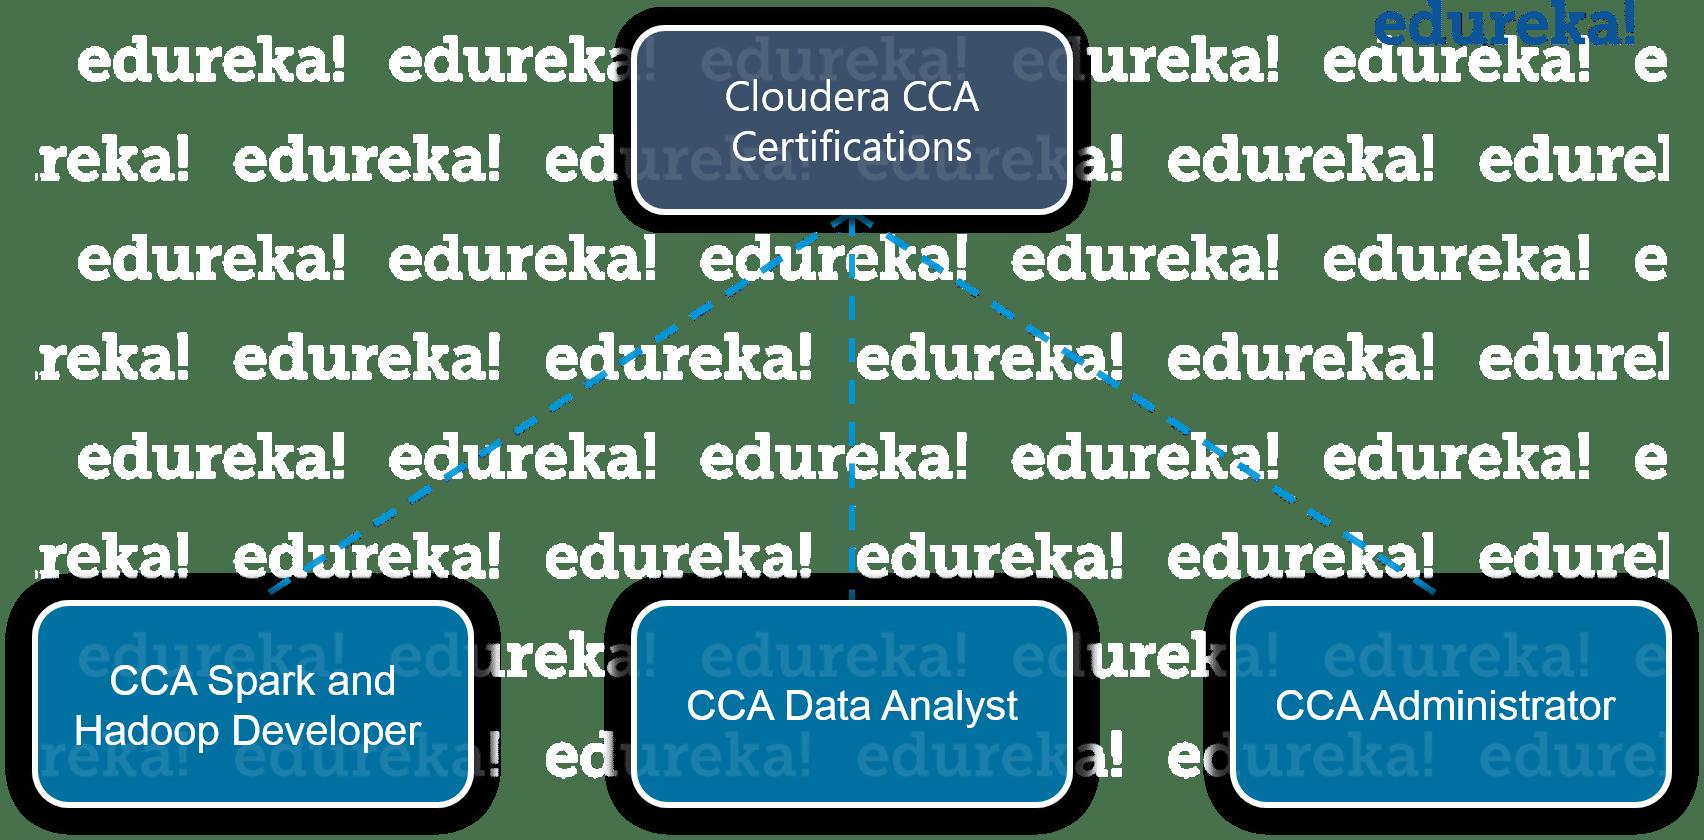 Cloudera Certifications - Hadoop Certification - Edureka